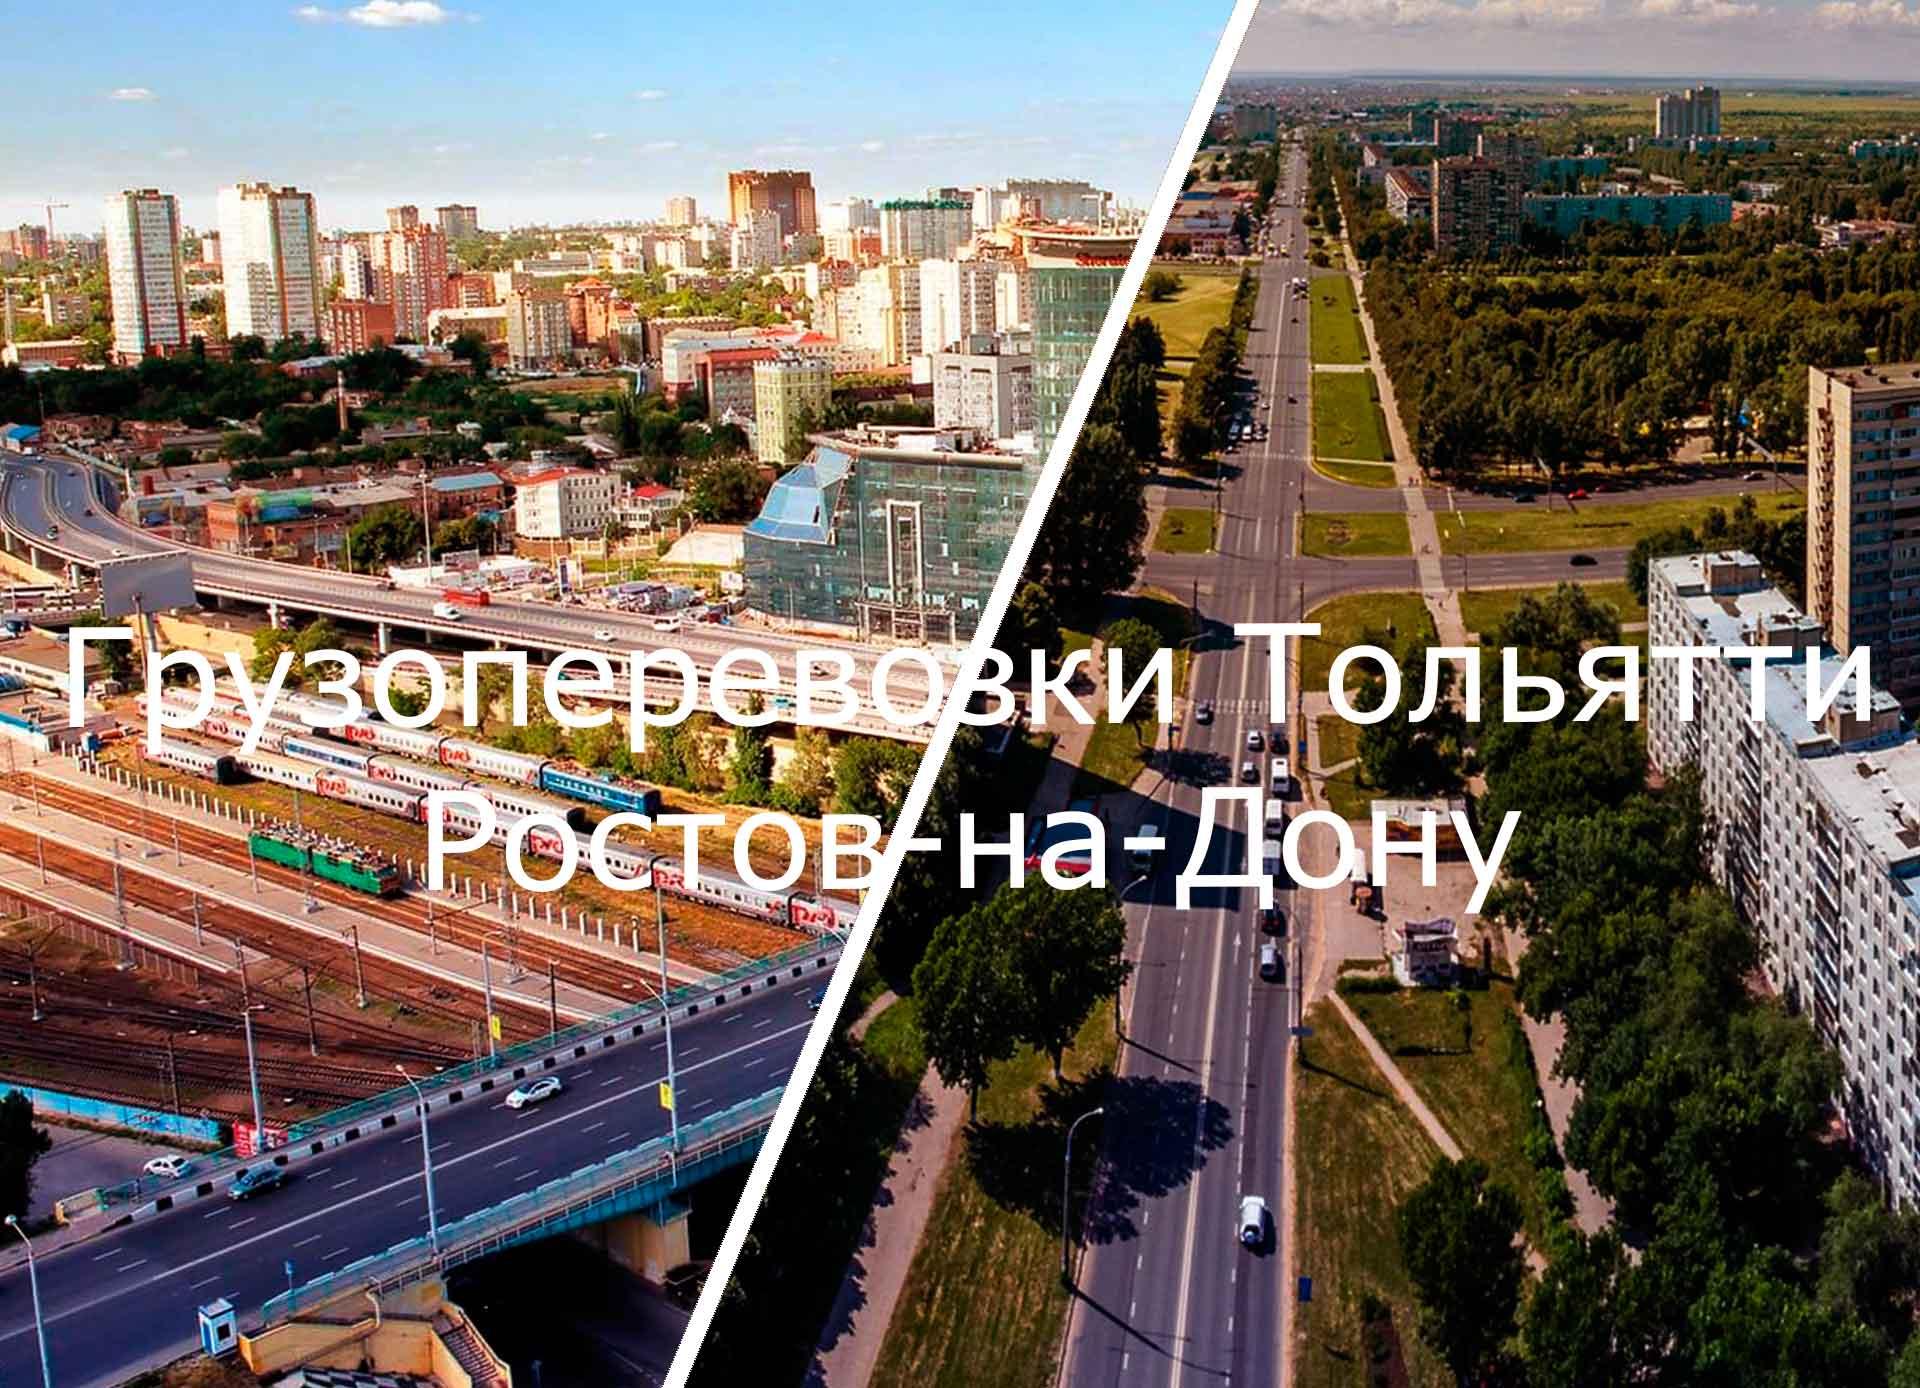 грузоперевозки тольятти ростов на дону